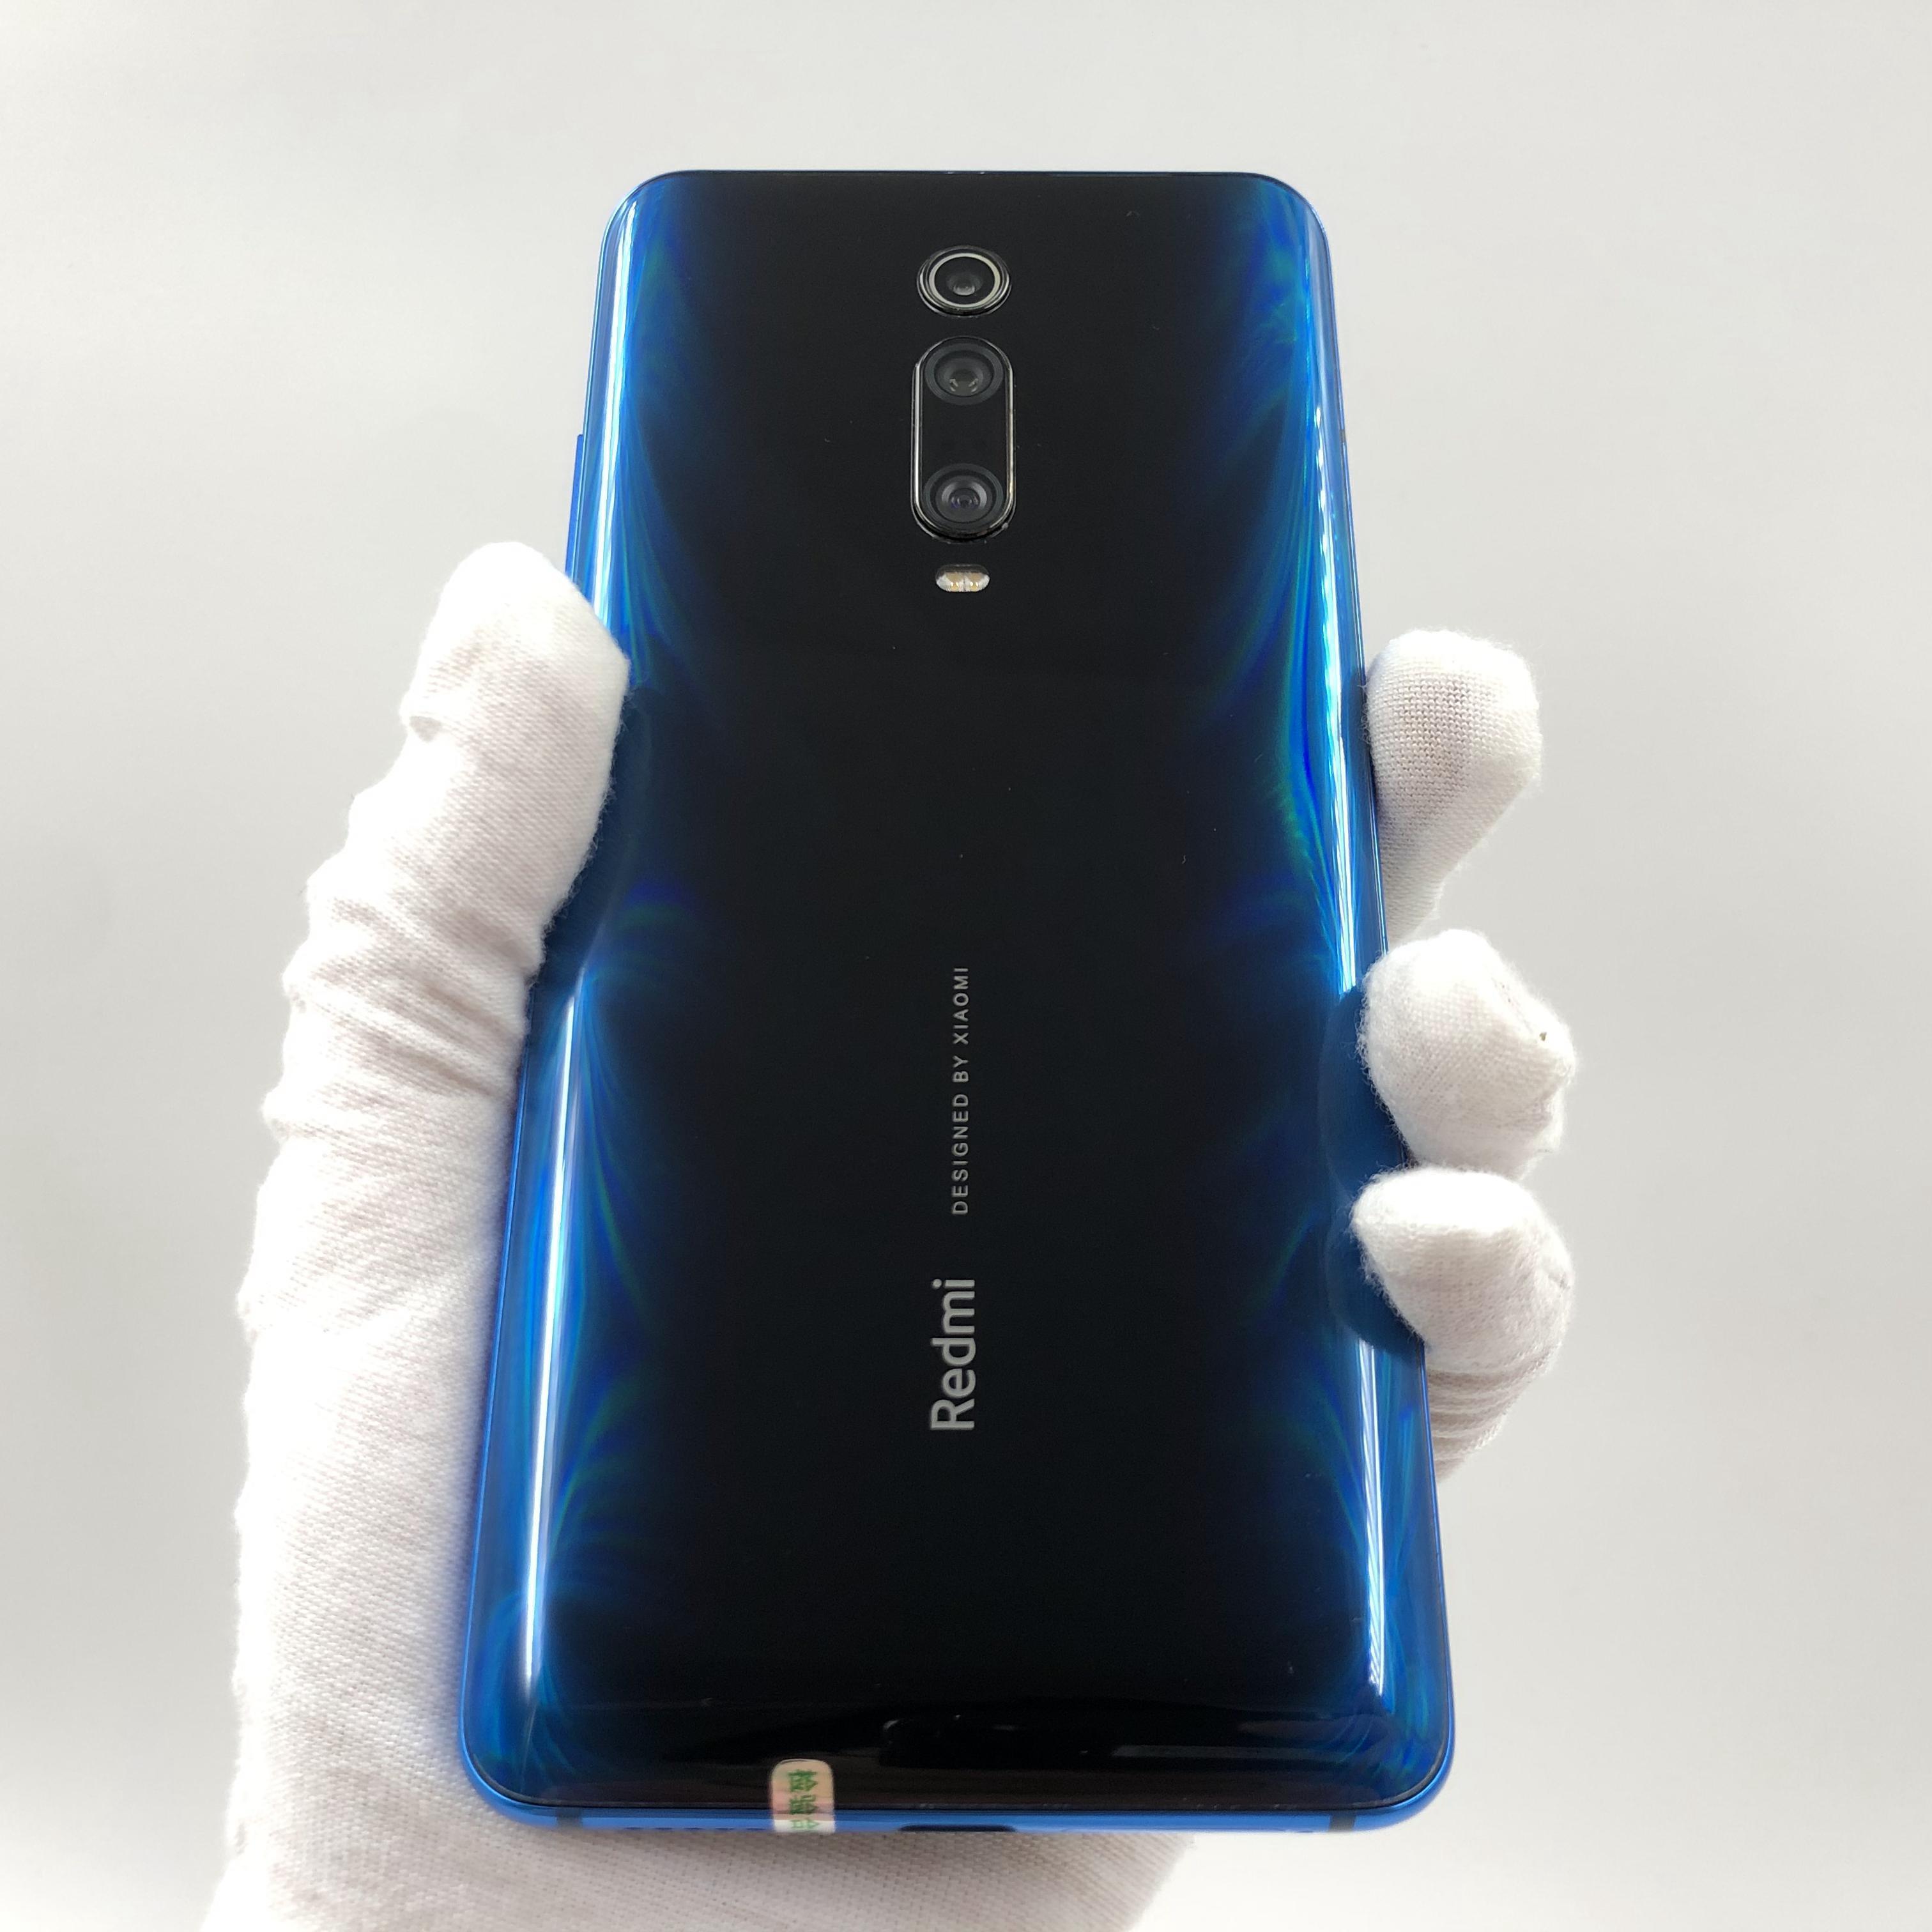 小米【Redmi K20 Pro 尊享】4G全网通 冰川蓝 12G/512G 国行 9成新 真机实拍